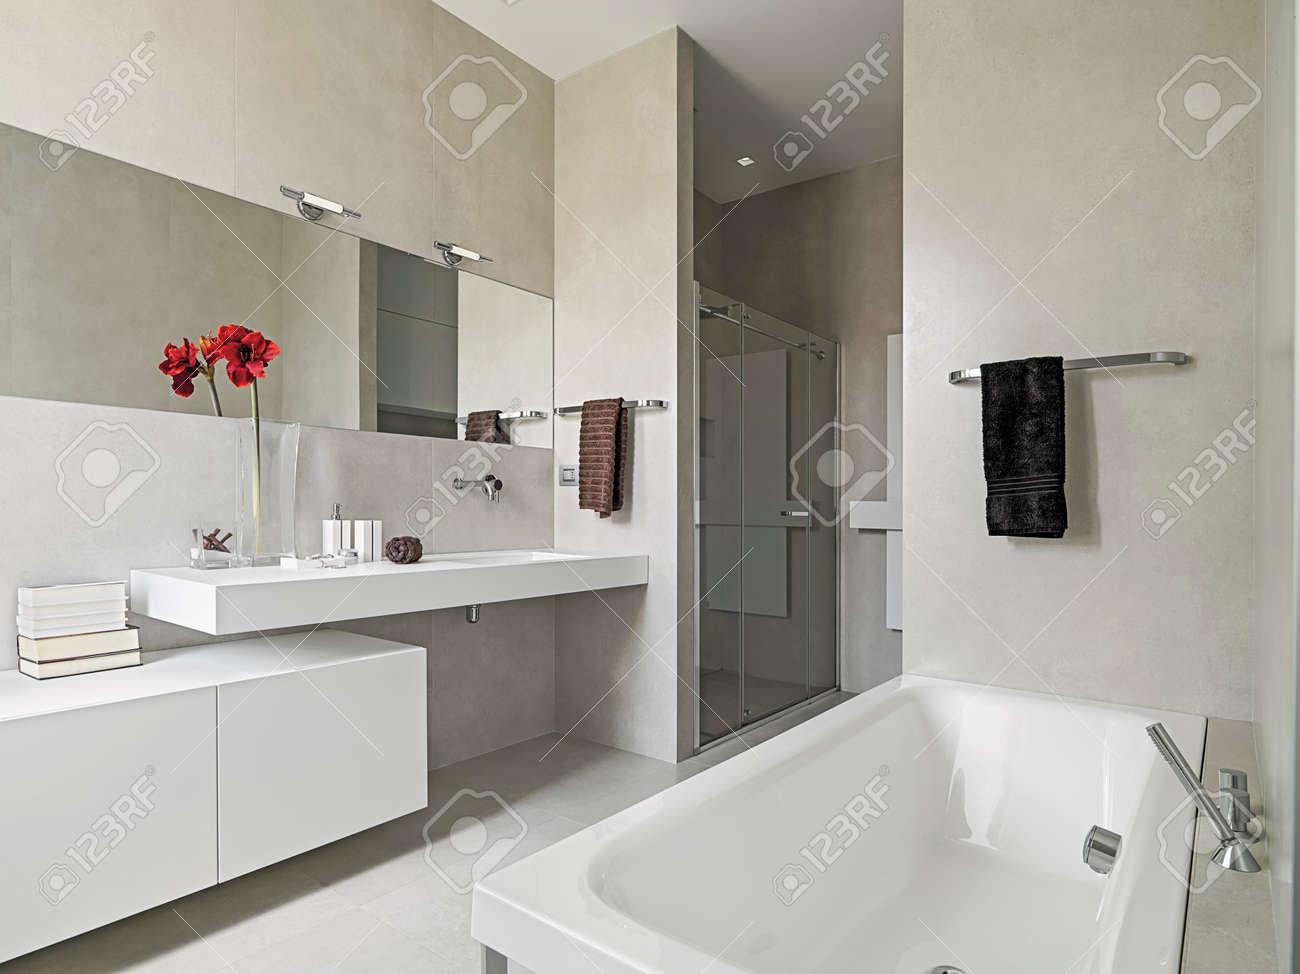 banque dimages vue panoramique dune salle de bains moderne avec baignoire et lavabo - Baignoire Salle De Bain Moderne